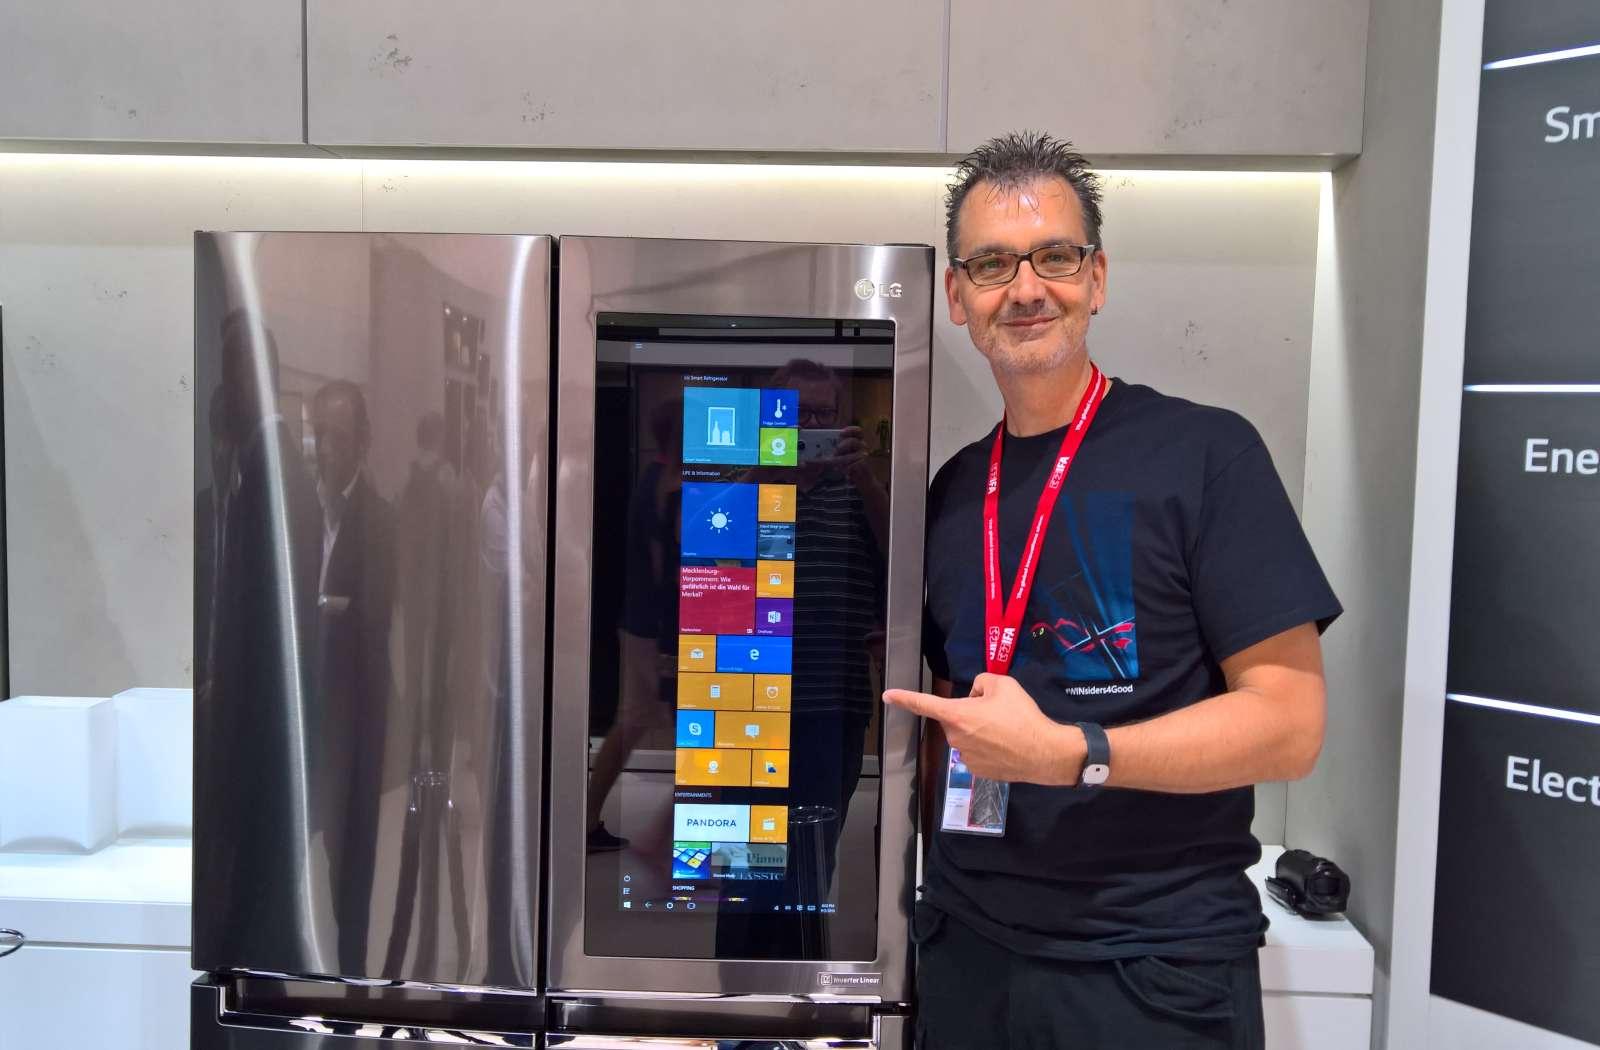 Kühlschrank Querformat : Ifa 2016: der smarte windows 10 kühlschrank von lg im video u203a dr